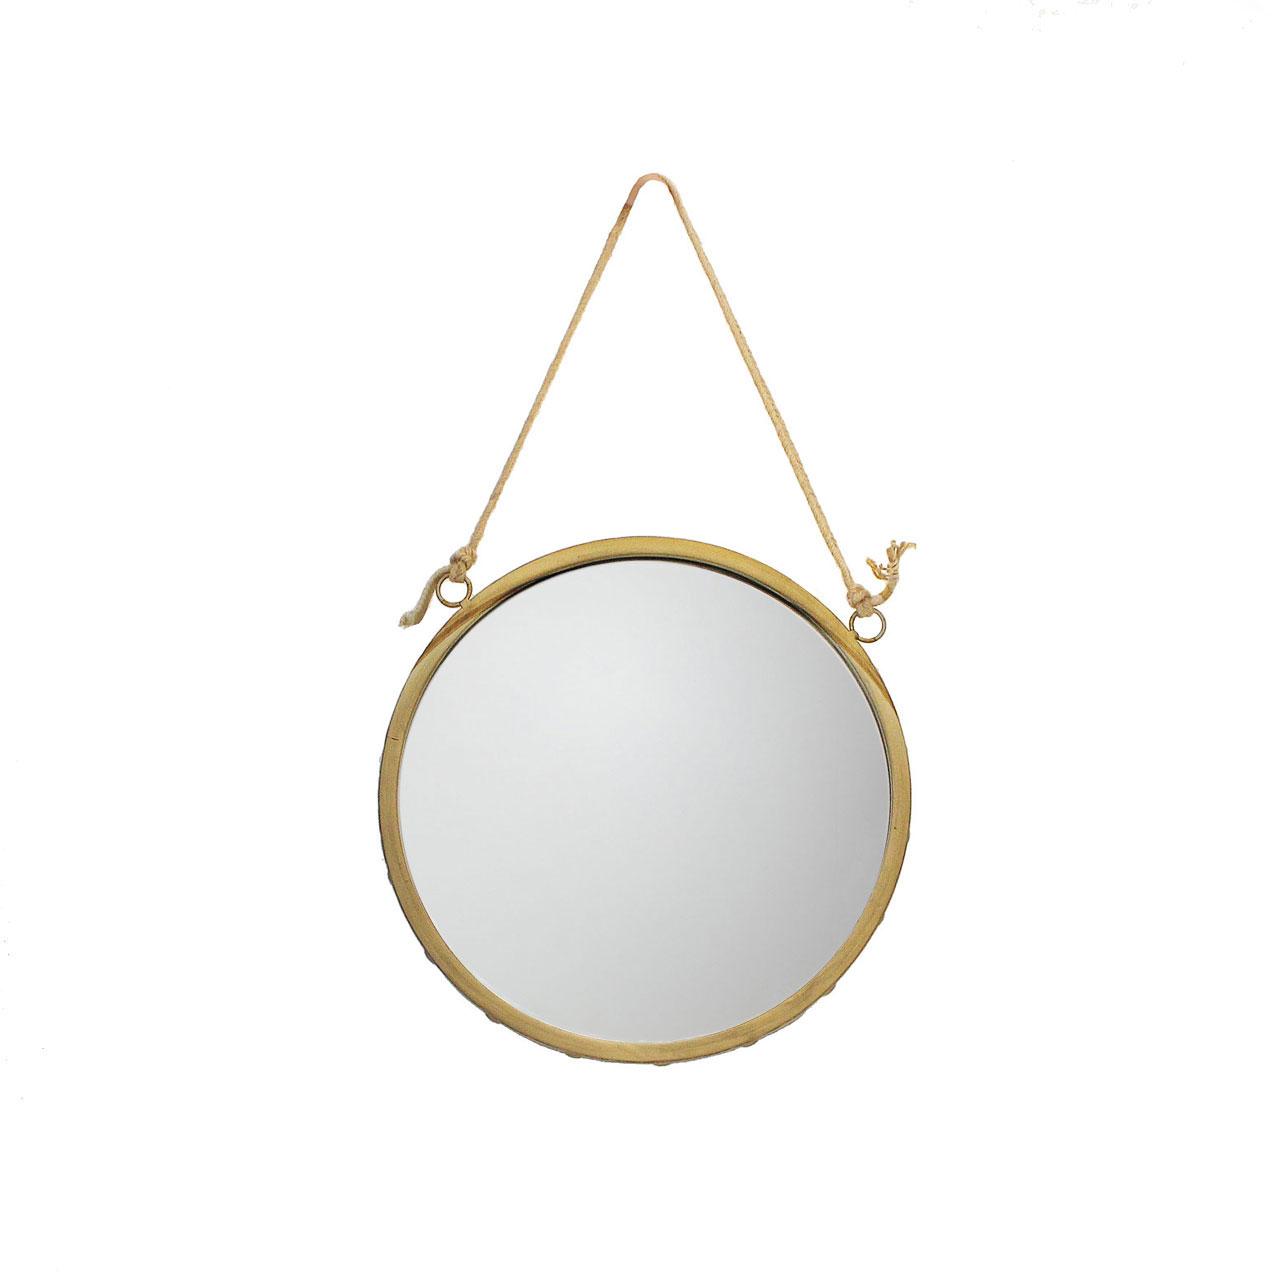 Espelho c/corda em juta, metal/dourado, Ø36cm